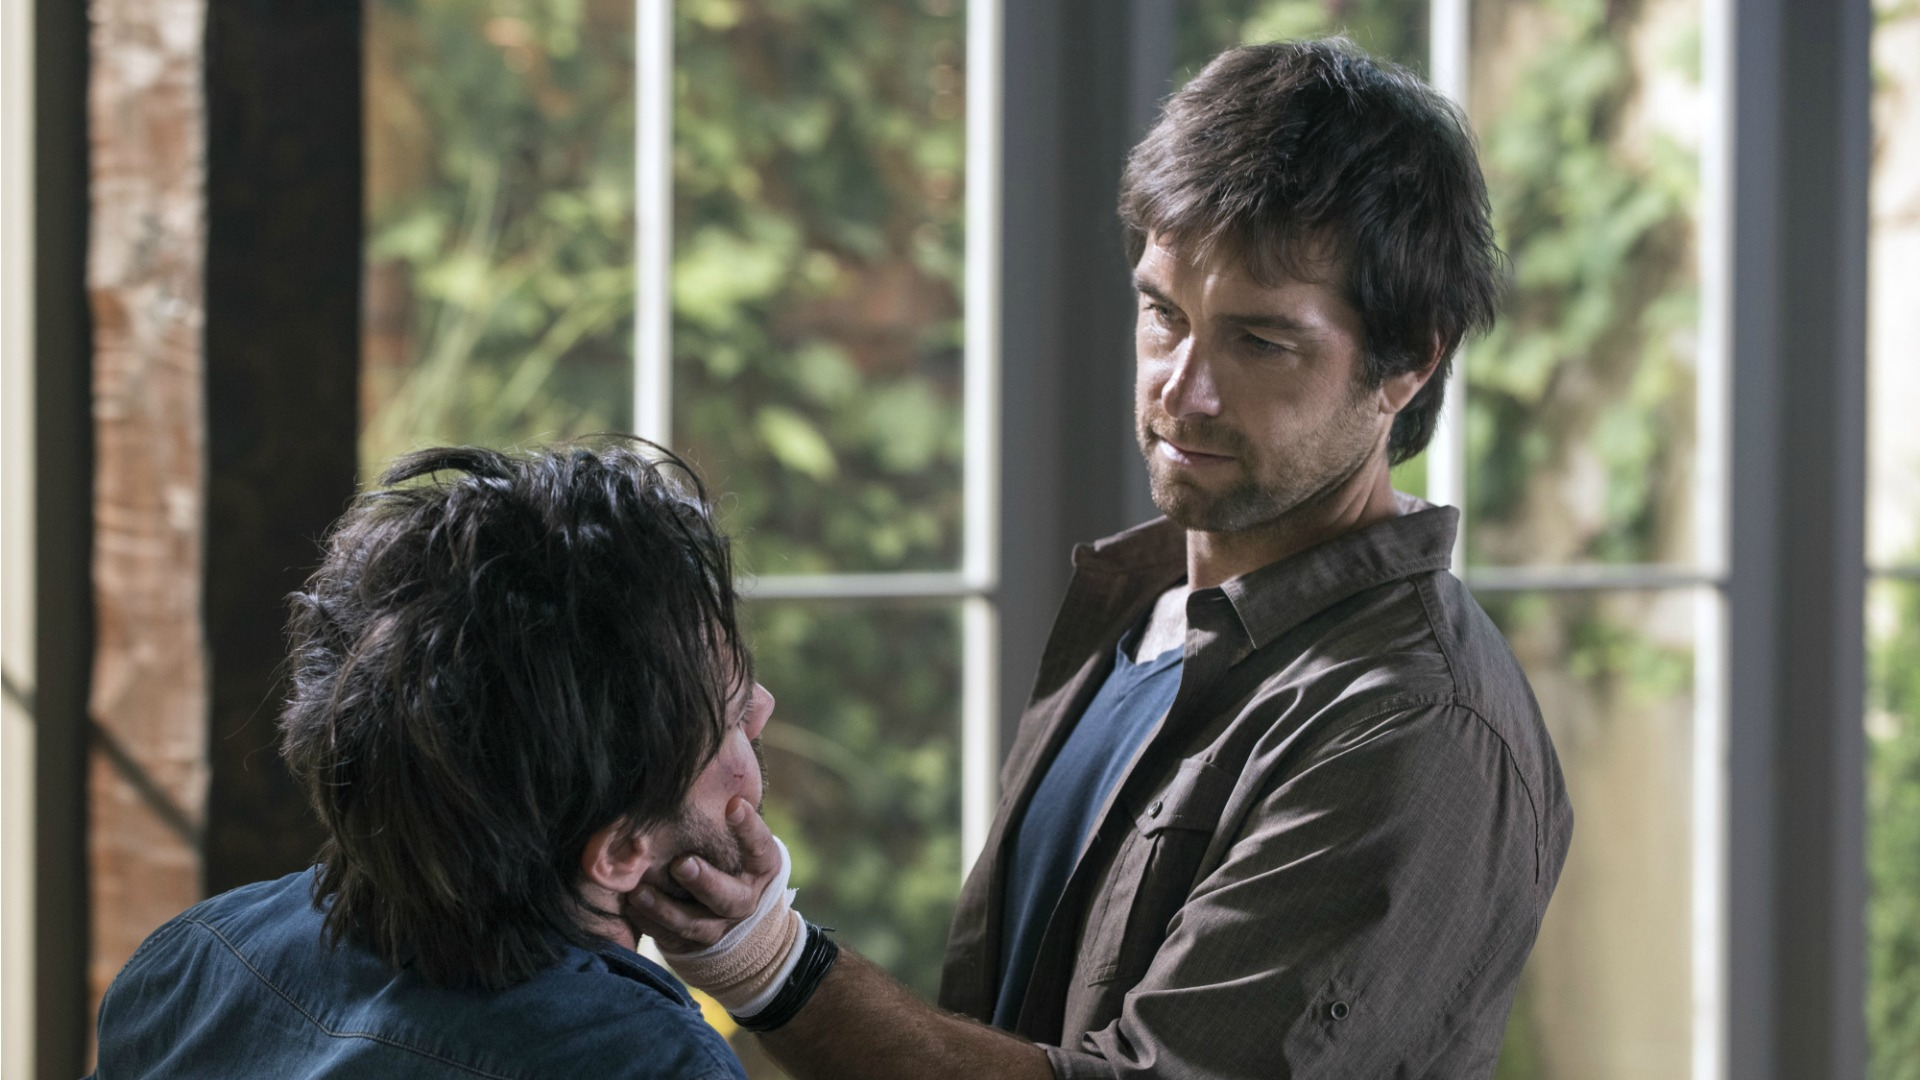 Garrett inspects Cam's face.